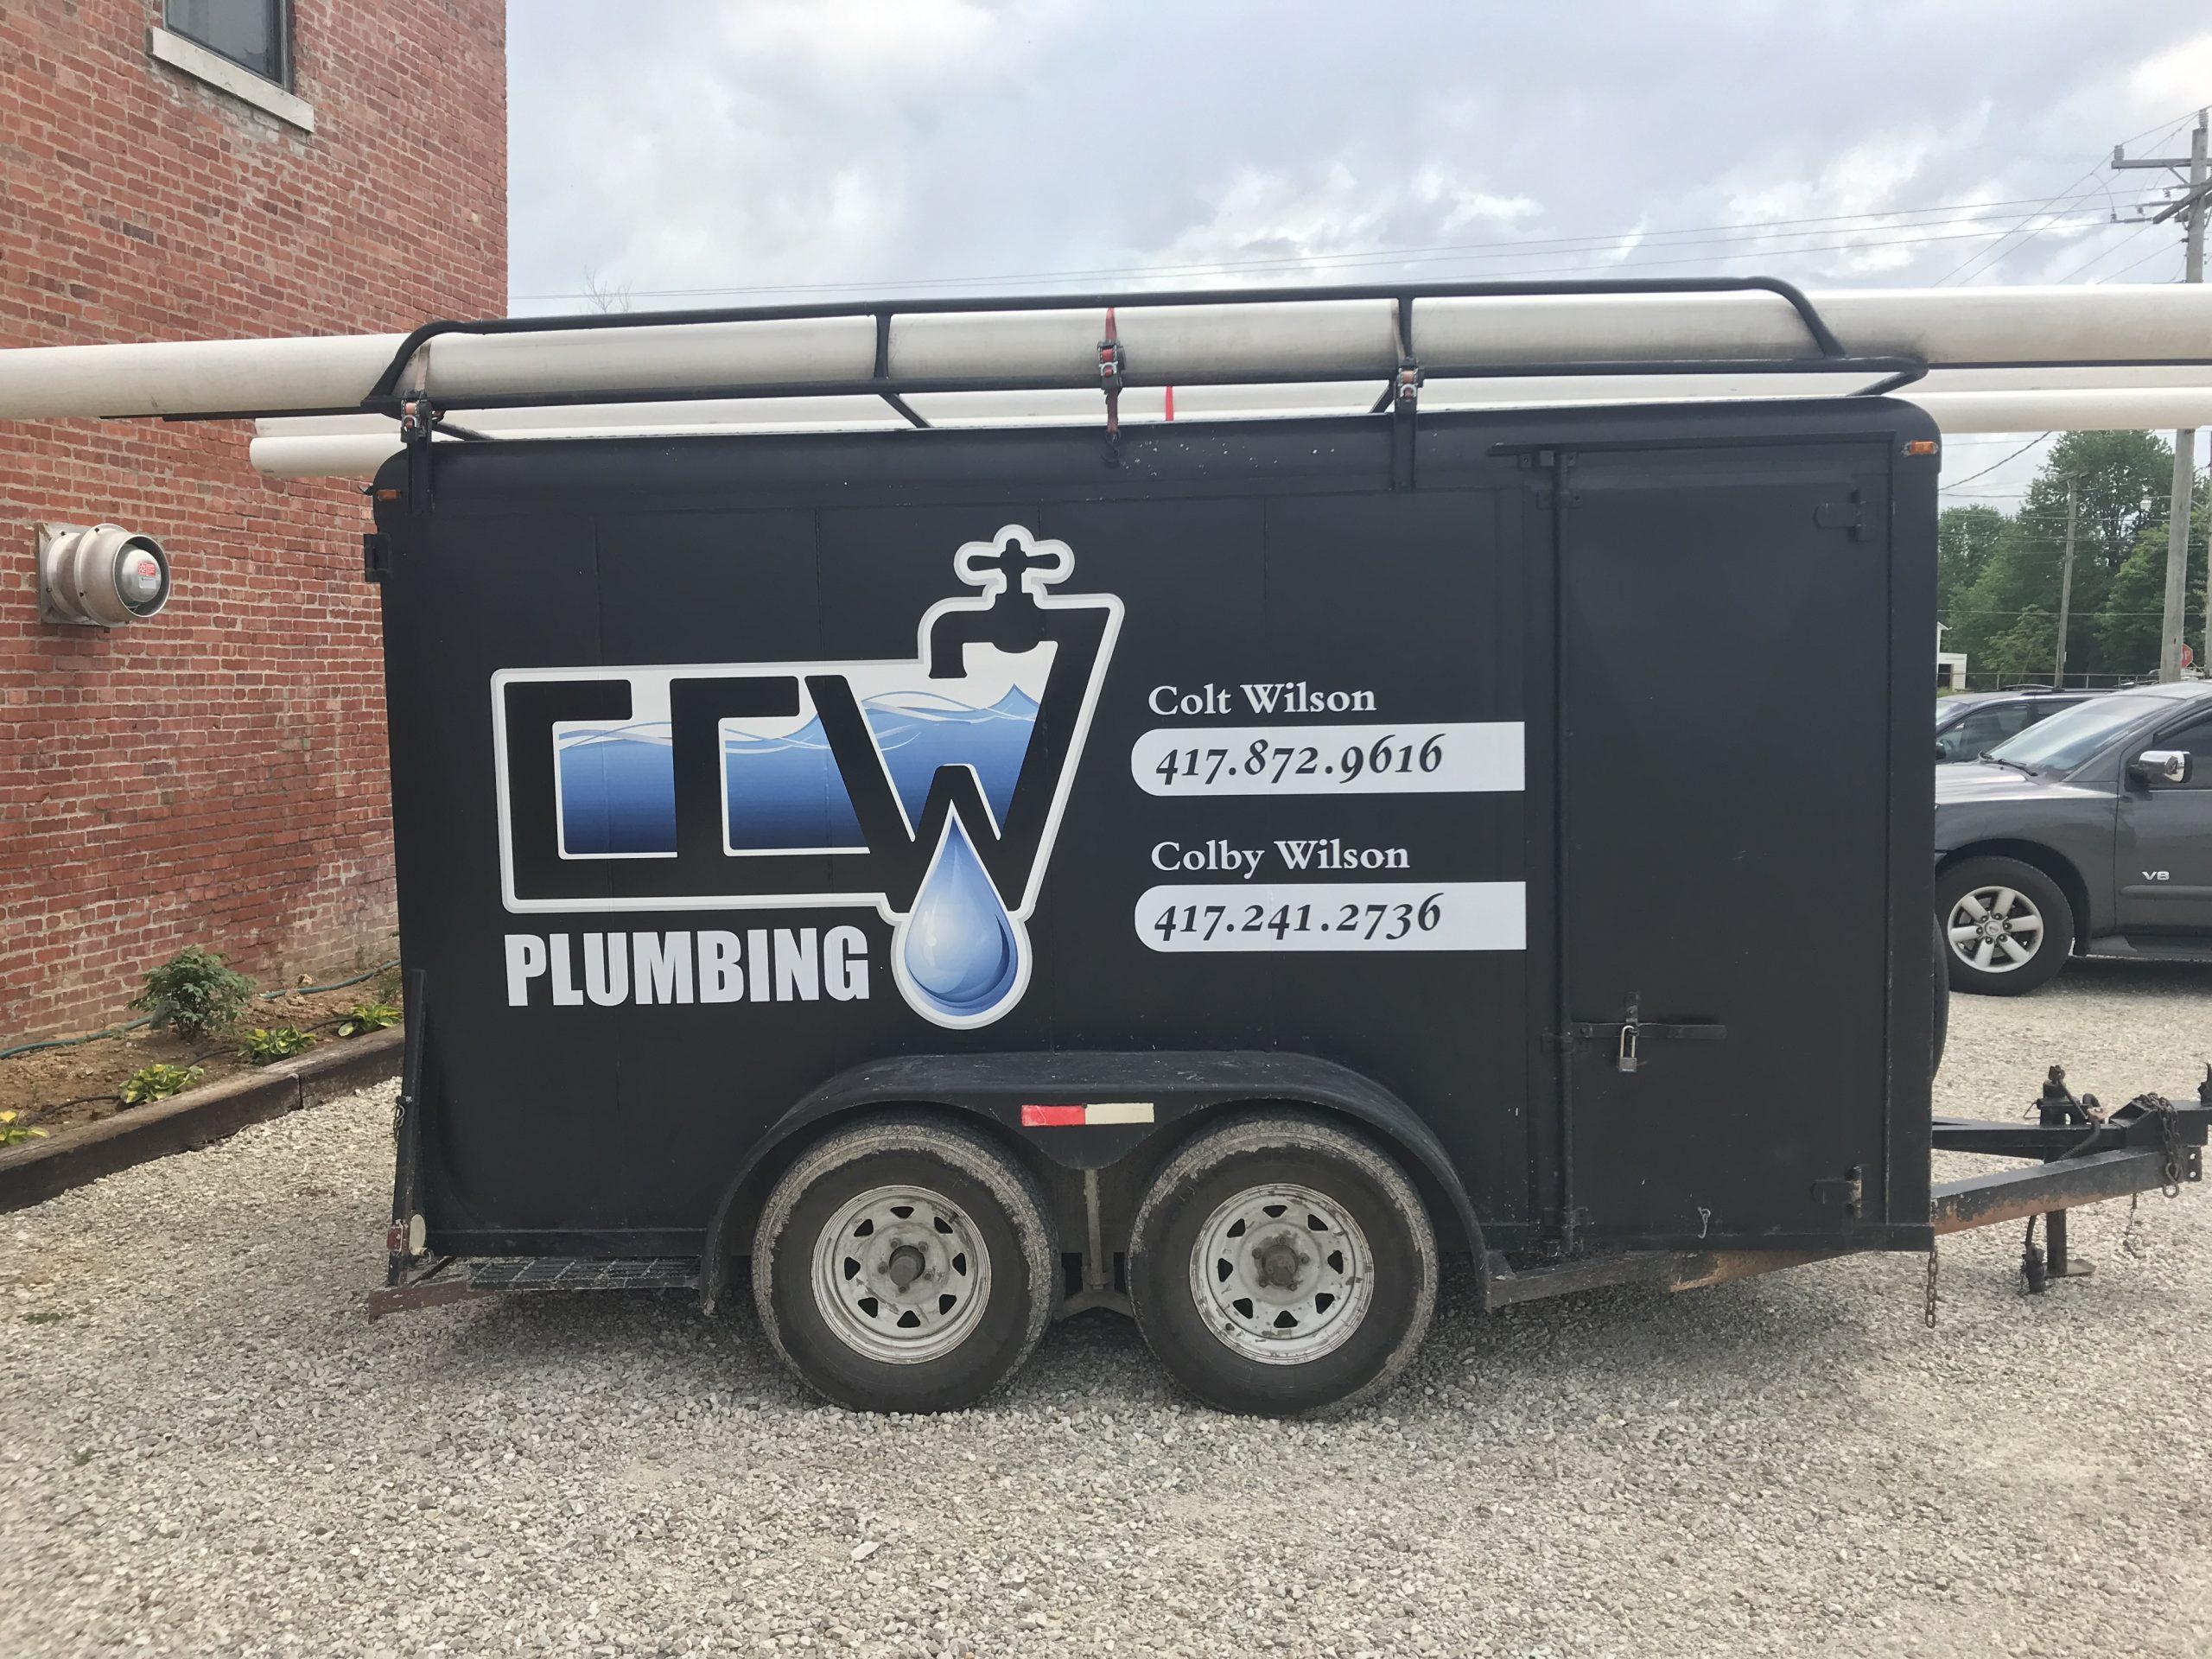 CCW Plumbing